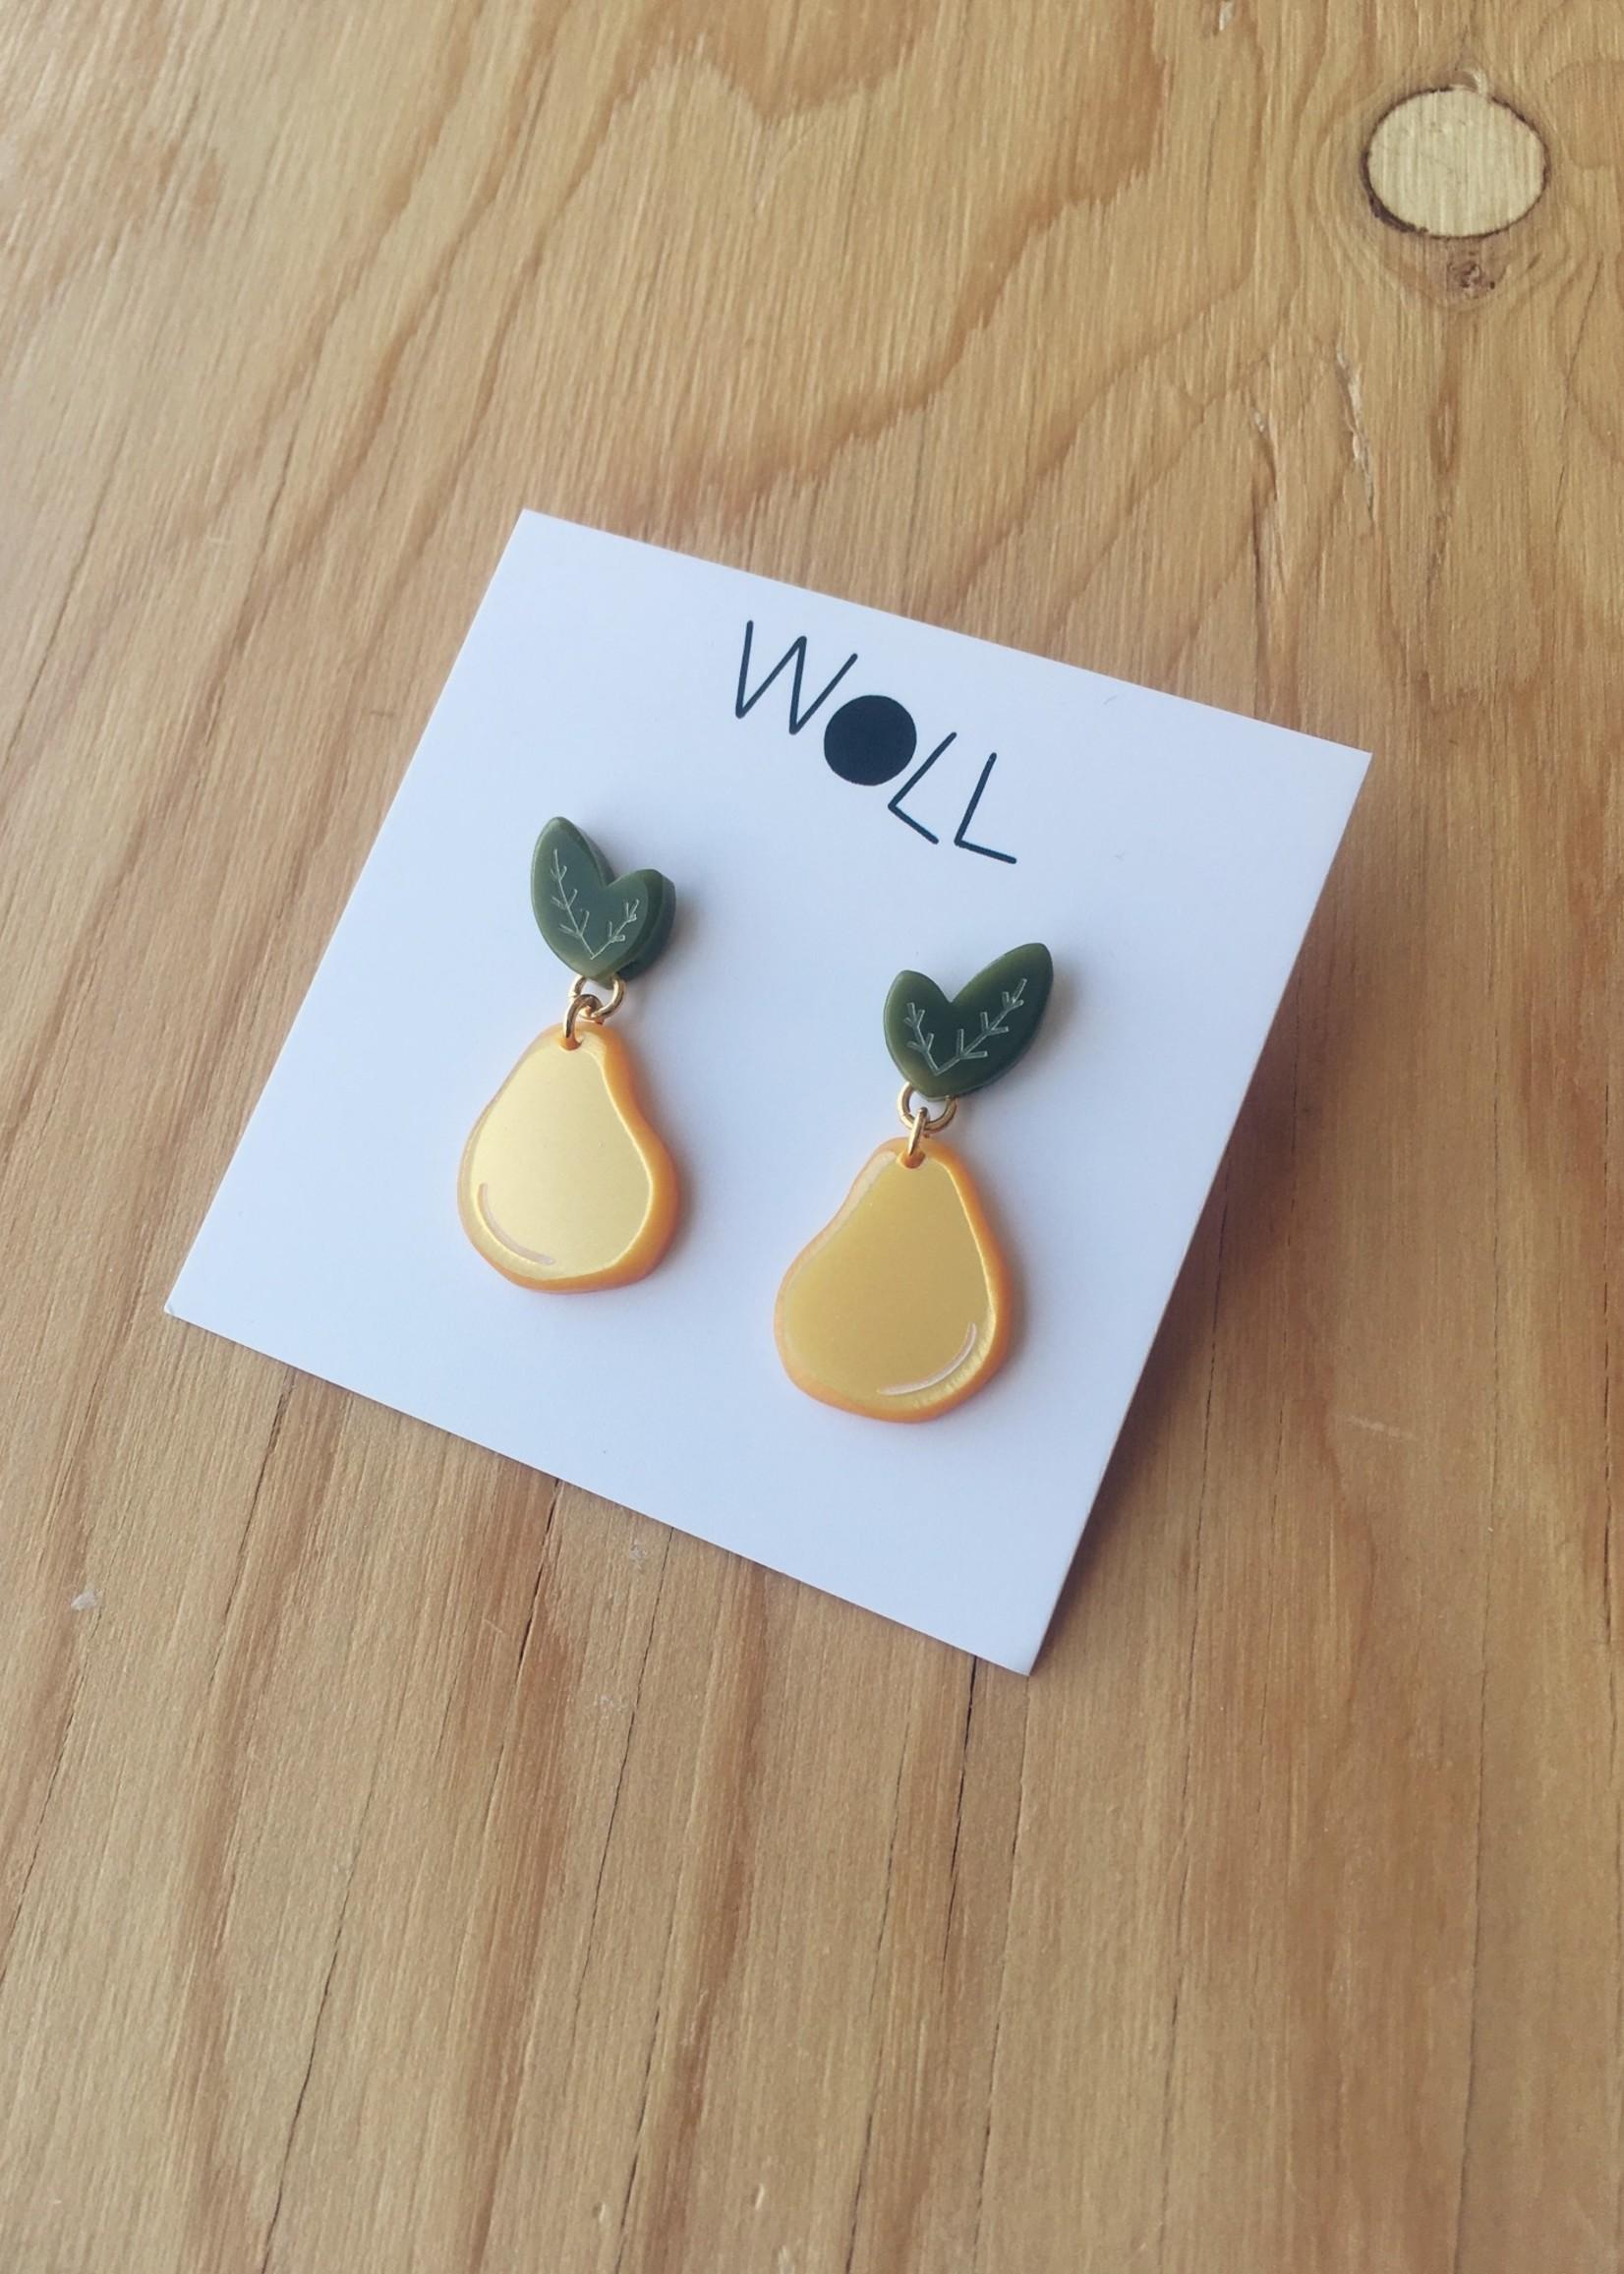 Woll Fruit Earrings